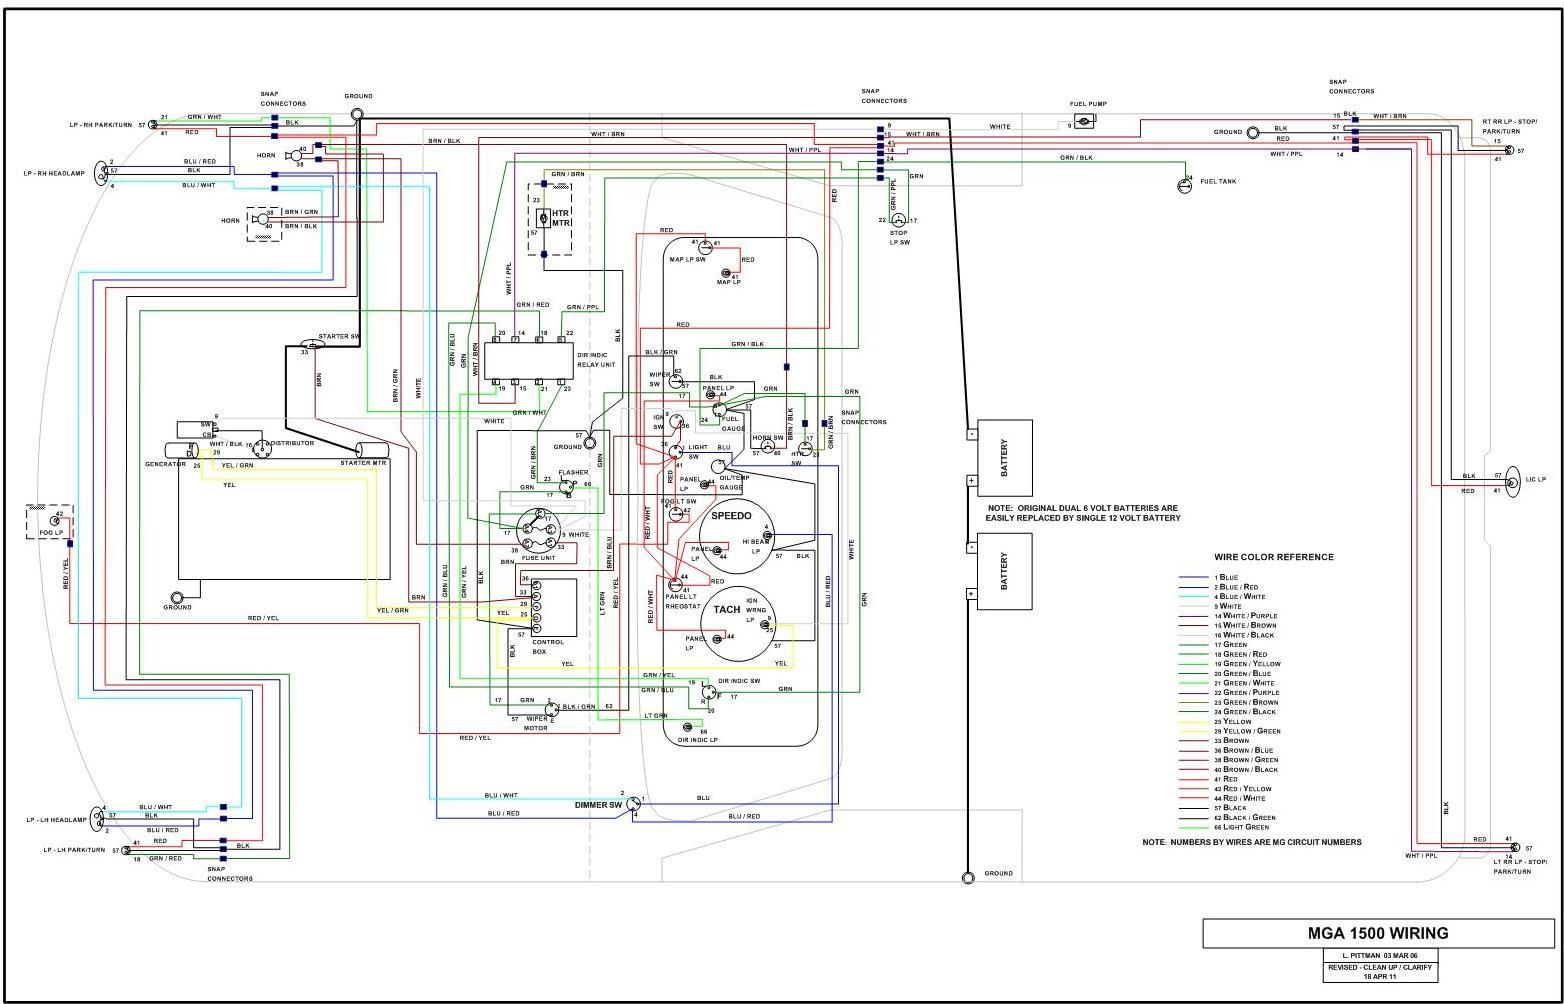 Midget 1500 Wire Diagrams - 1968 Ford Truck Turn Signal Wiring Diagram for Wiring  Diagram SchematicsWiring Diagram Schematics